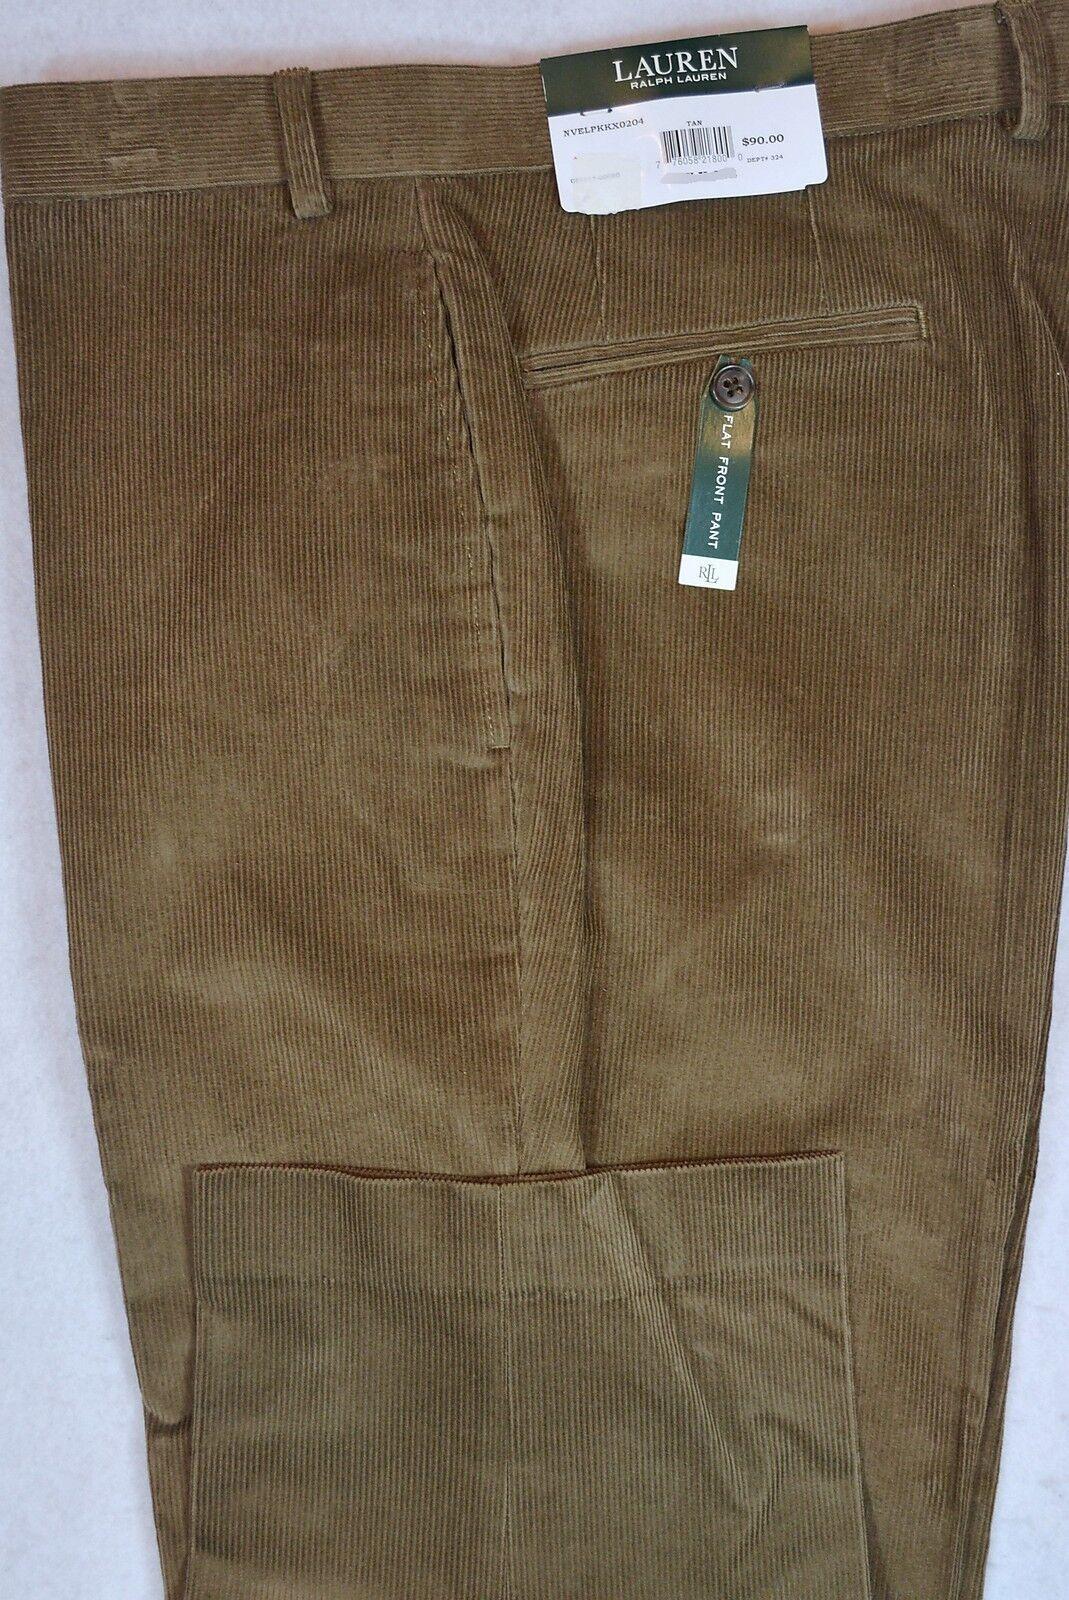 LAUREN Ralph Lauren Corduroy Flat Front Tan Dress Cords Pants 34 32 New